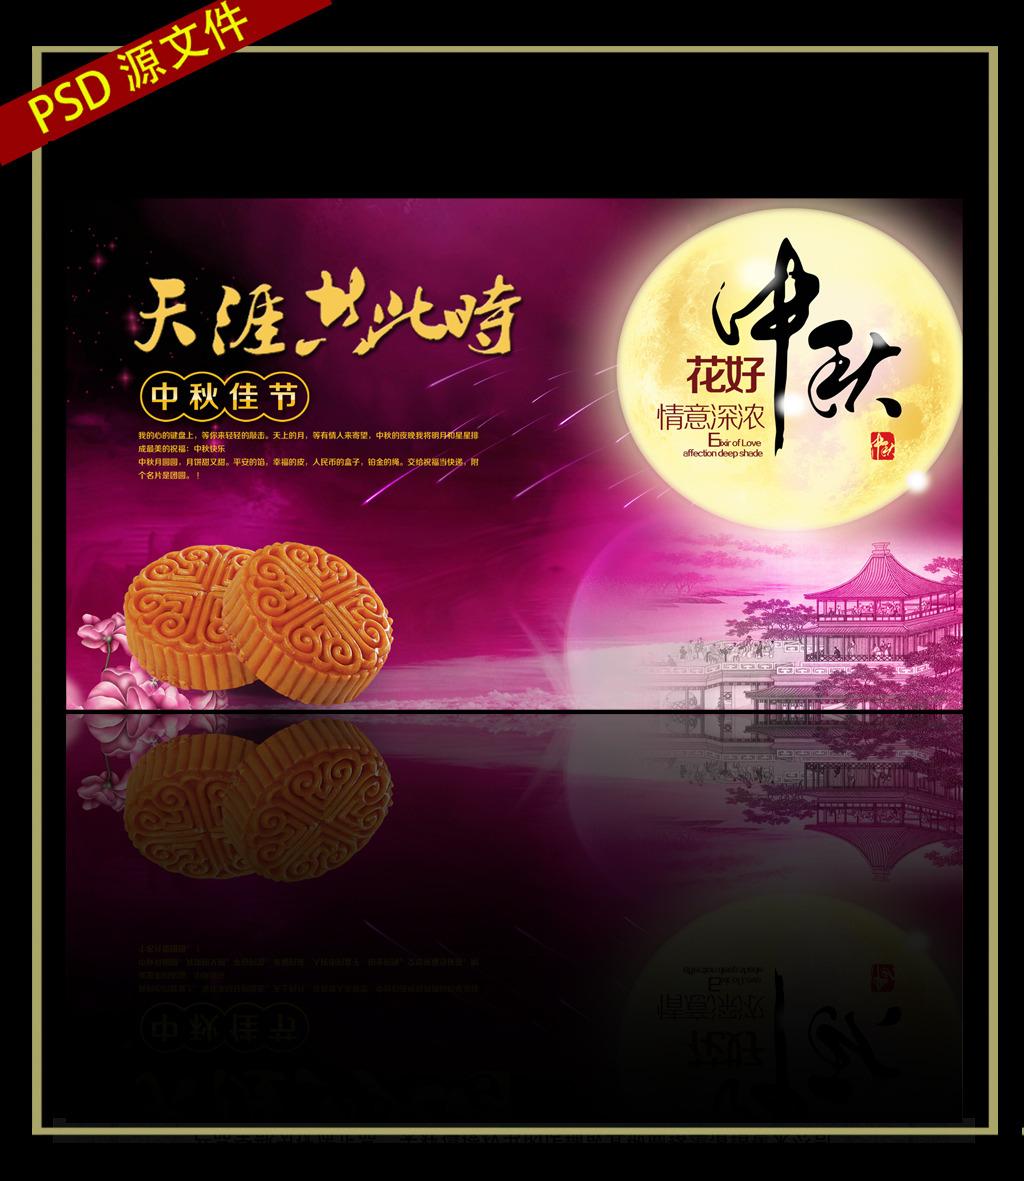 中秋节 模板/[版权图片]中秋节促销海报模板